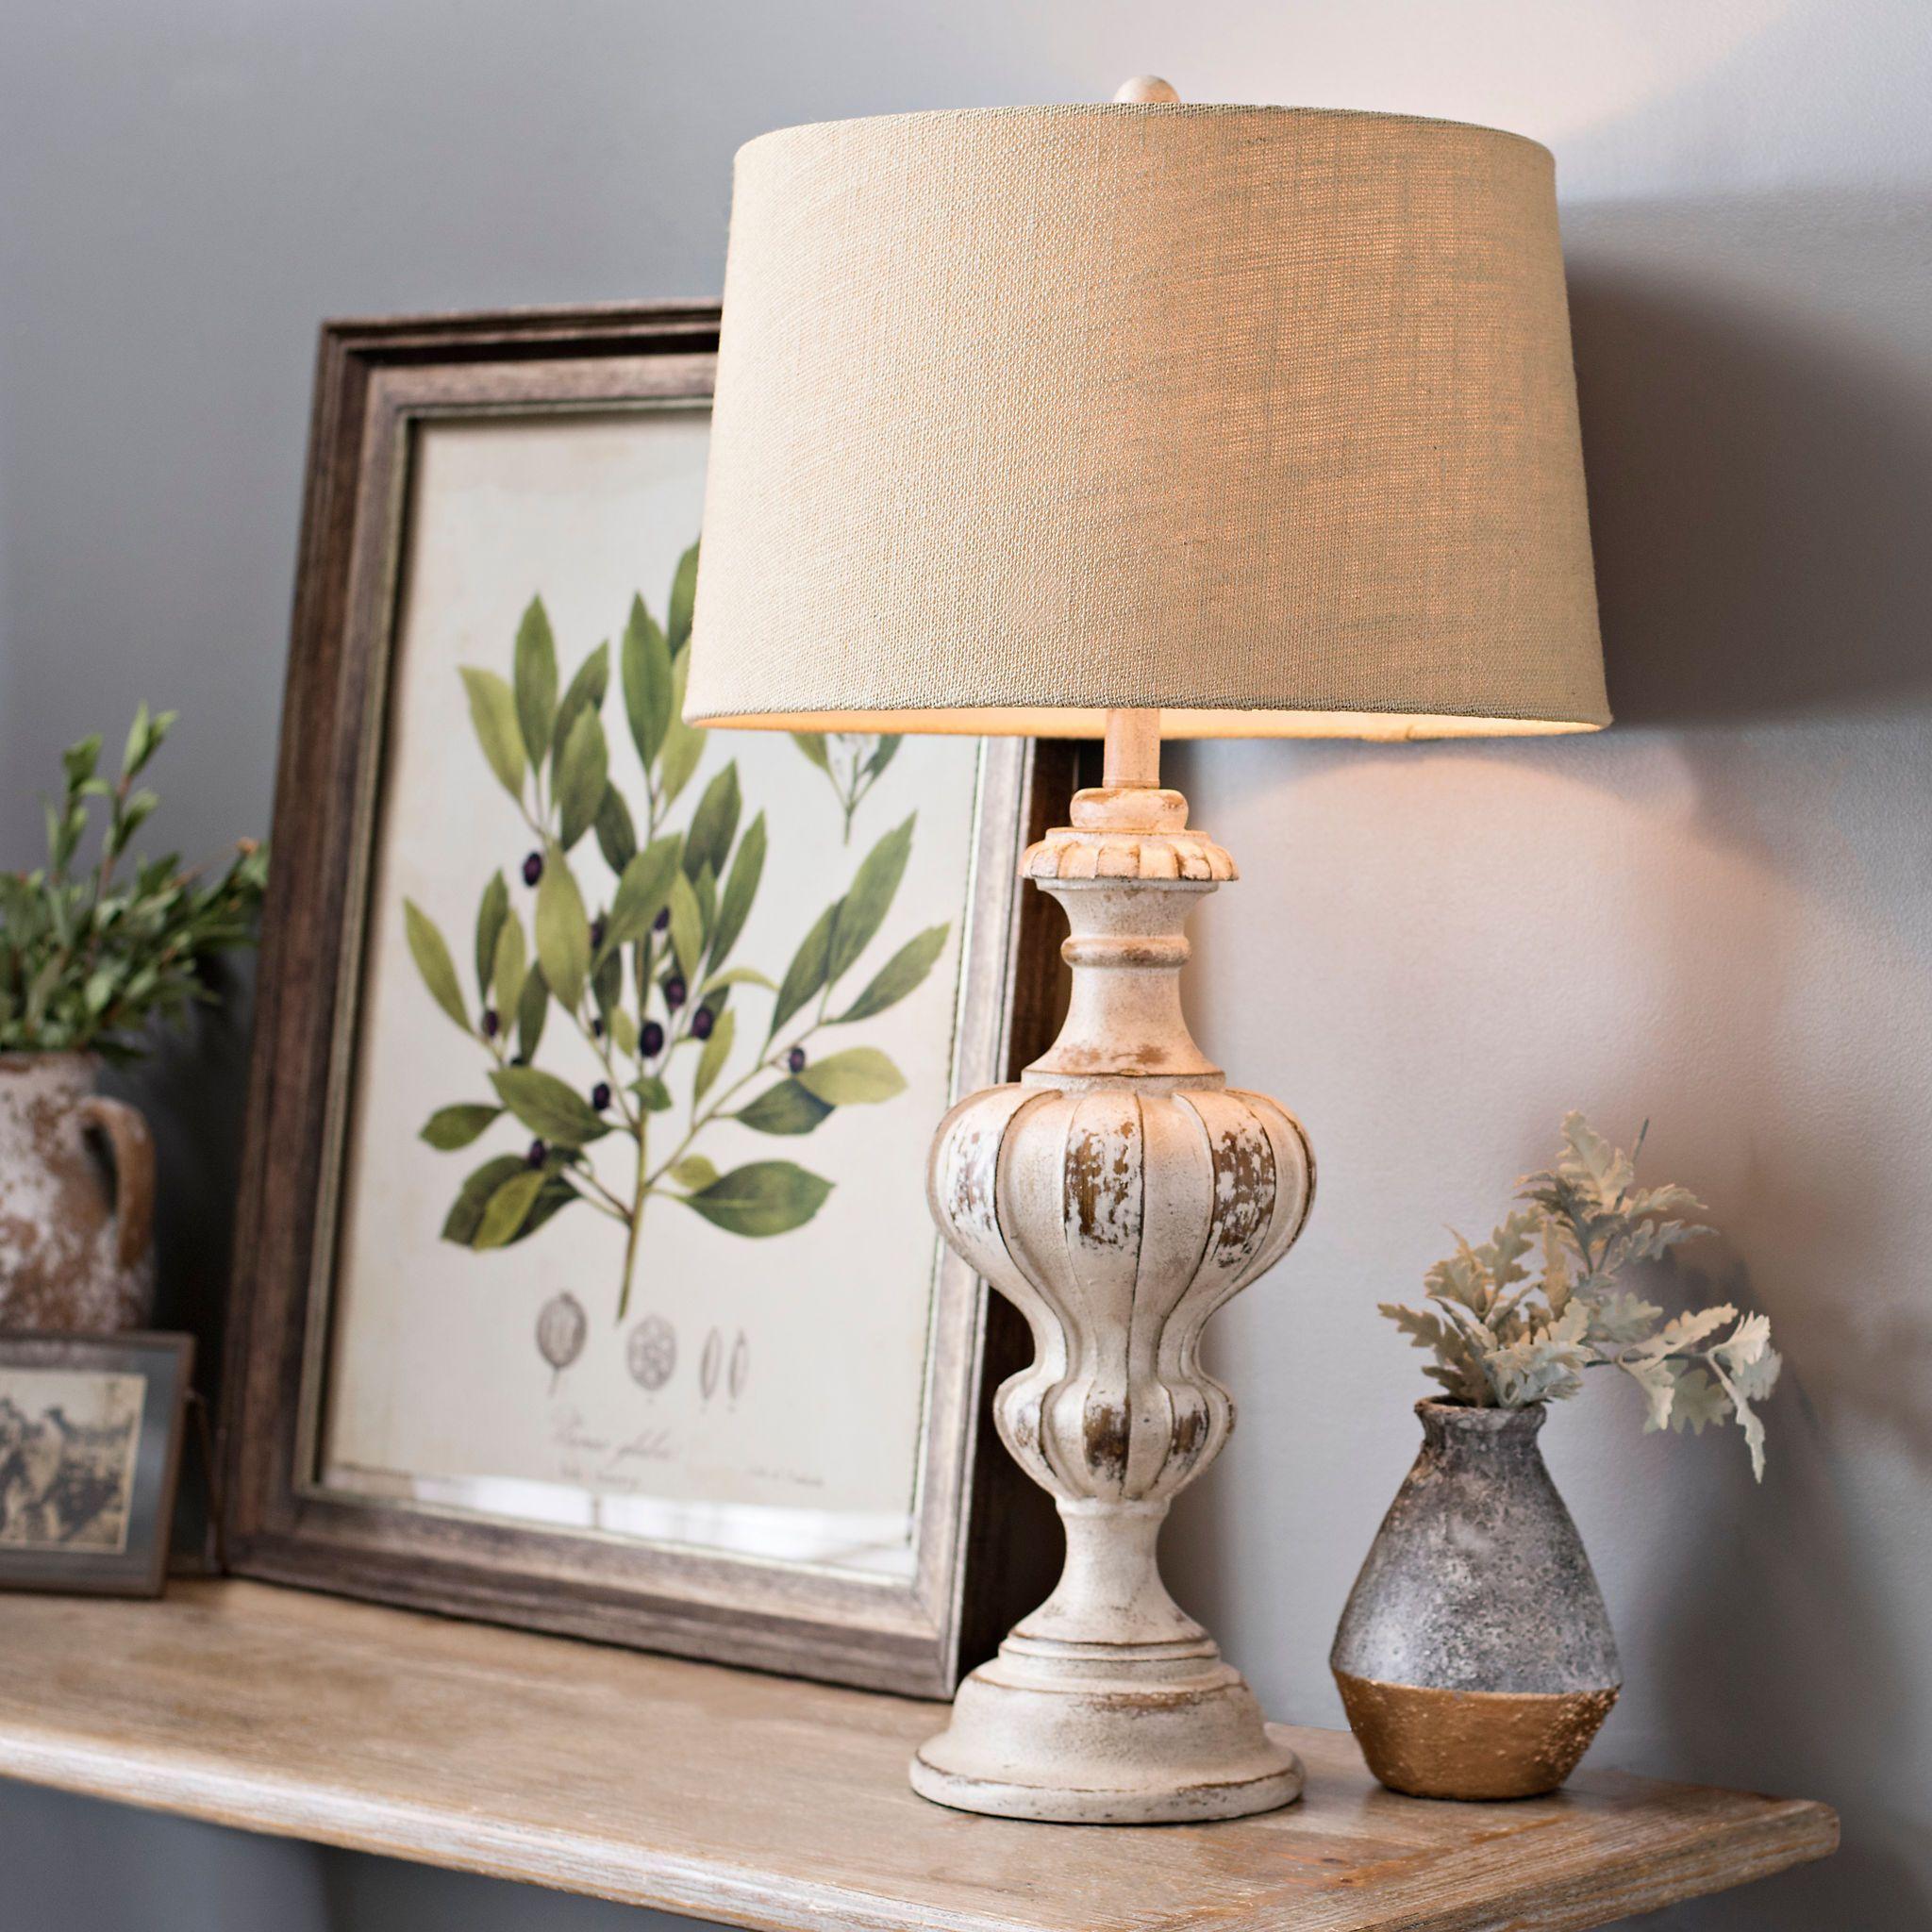 kirklands lamps Google Search Farmhouse table lamps